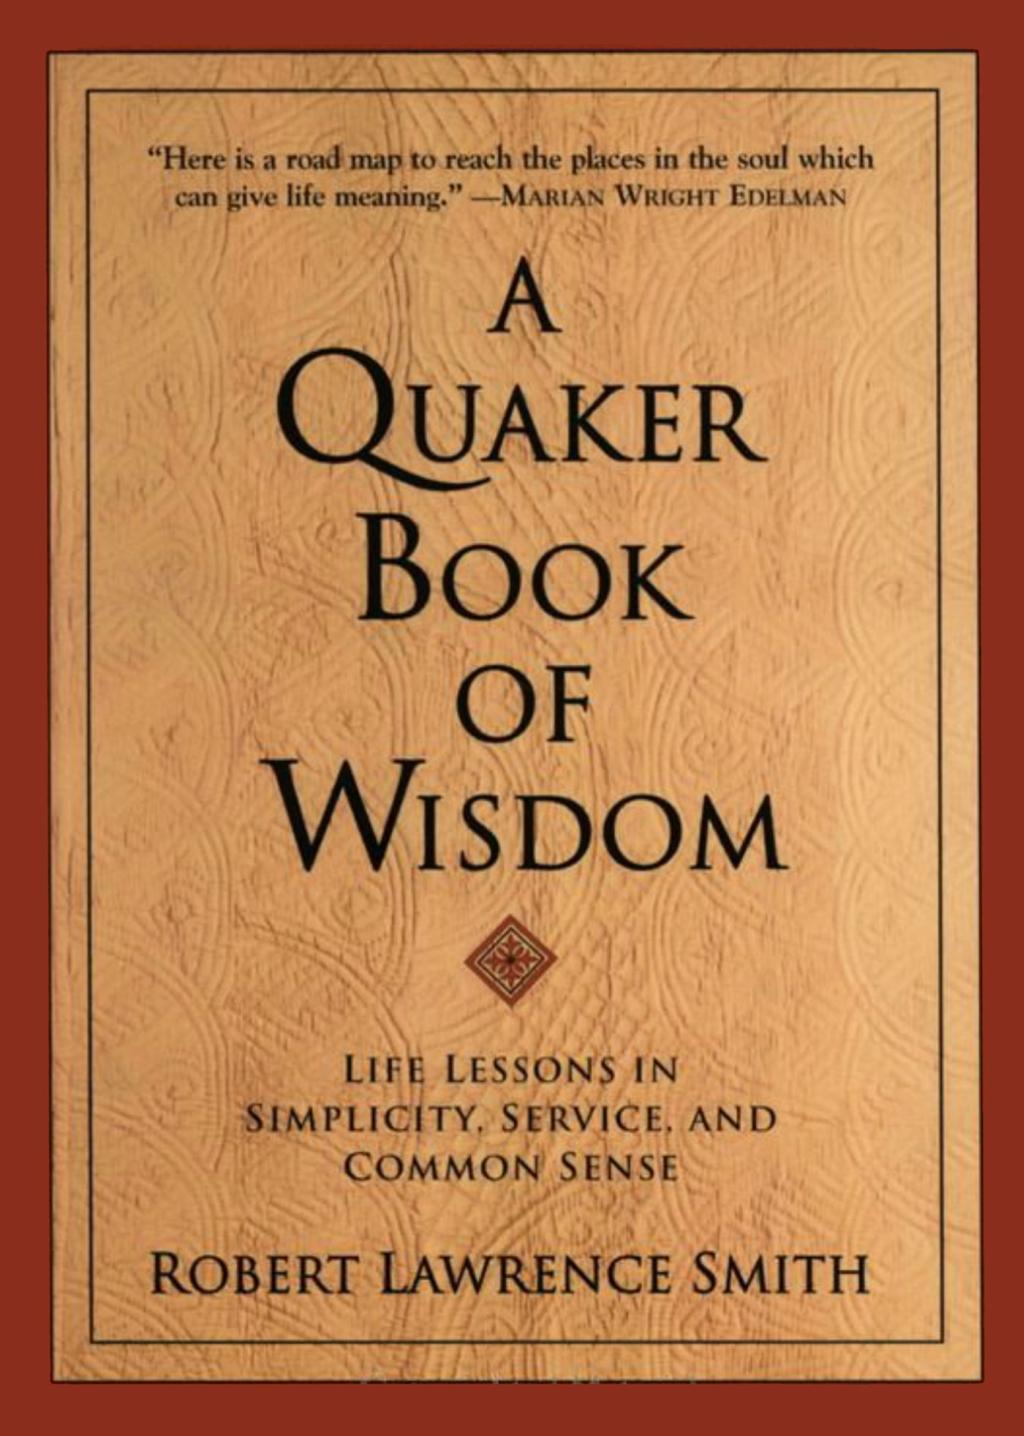 A Quaker Book Of Wisdom